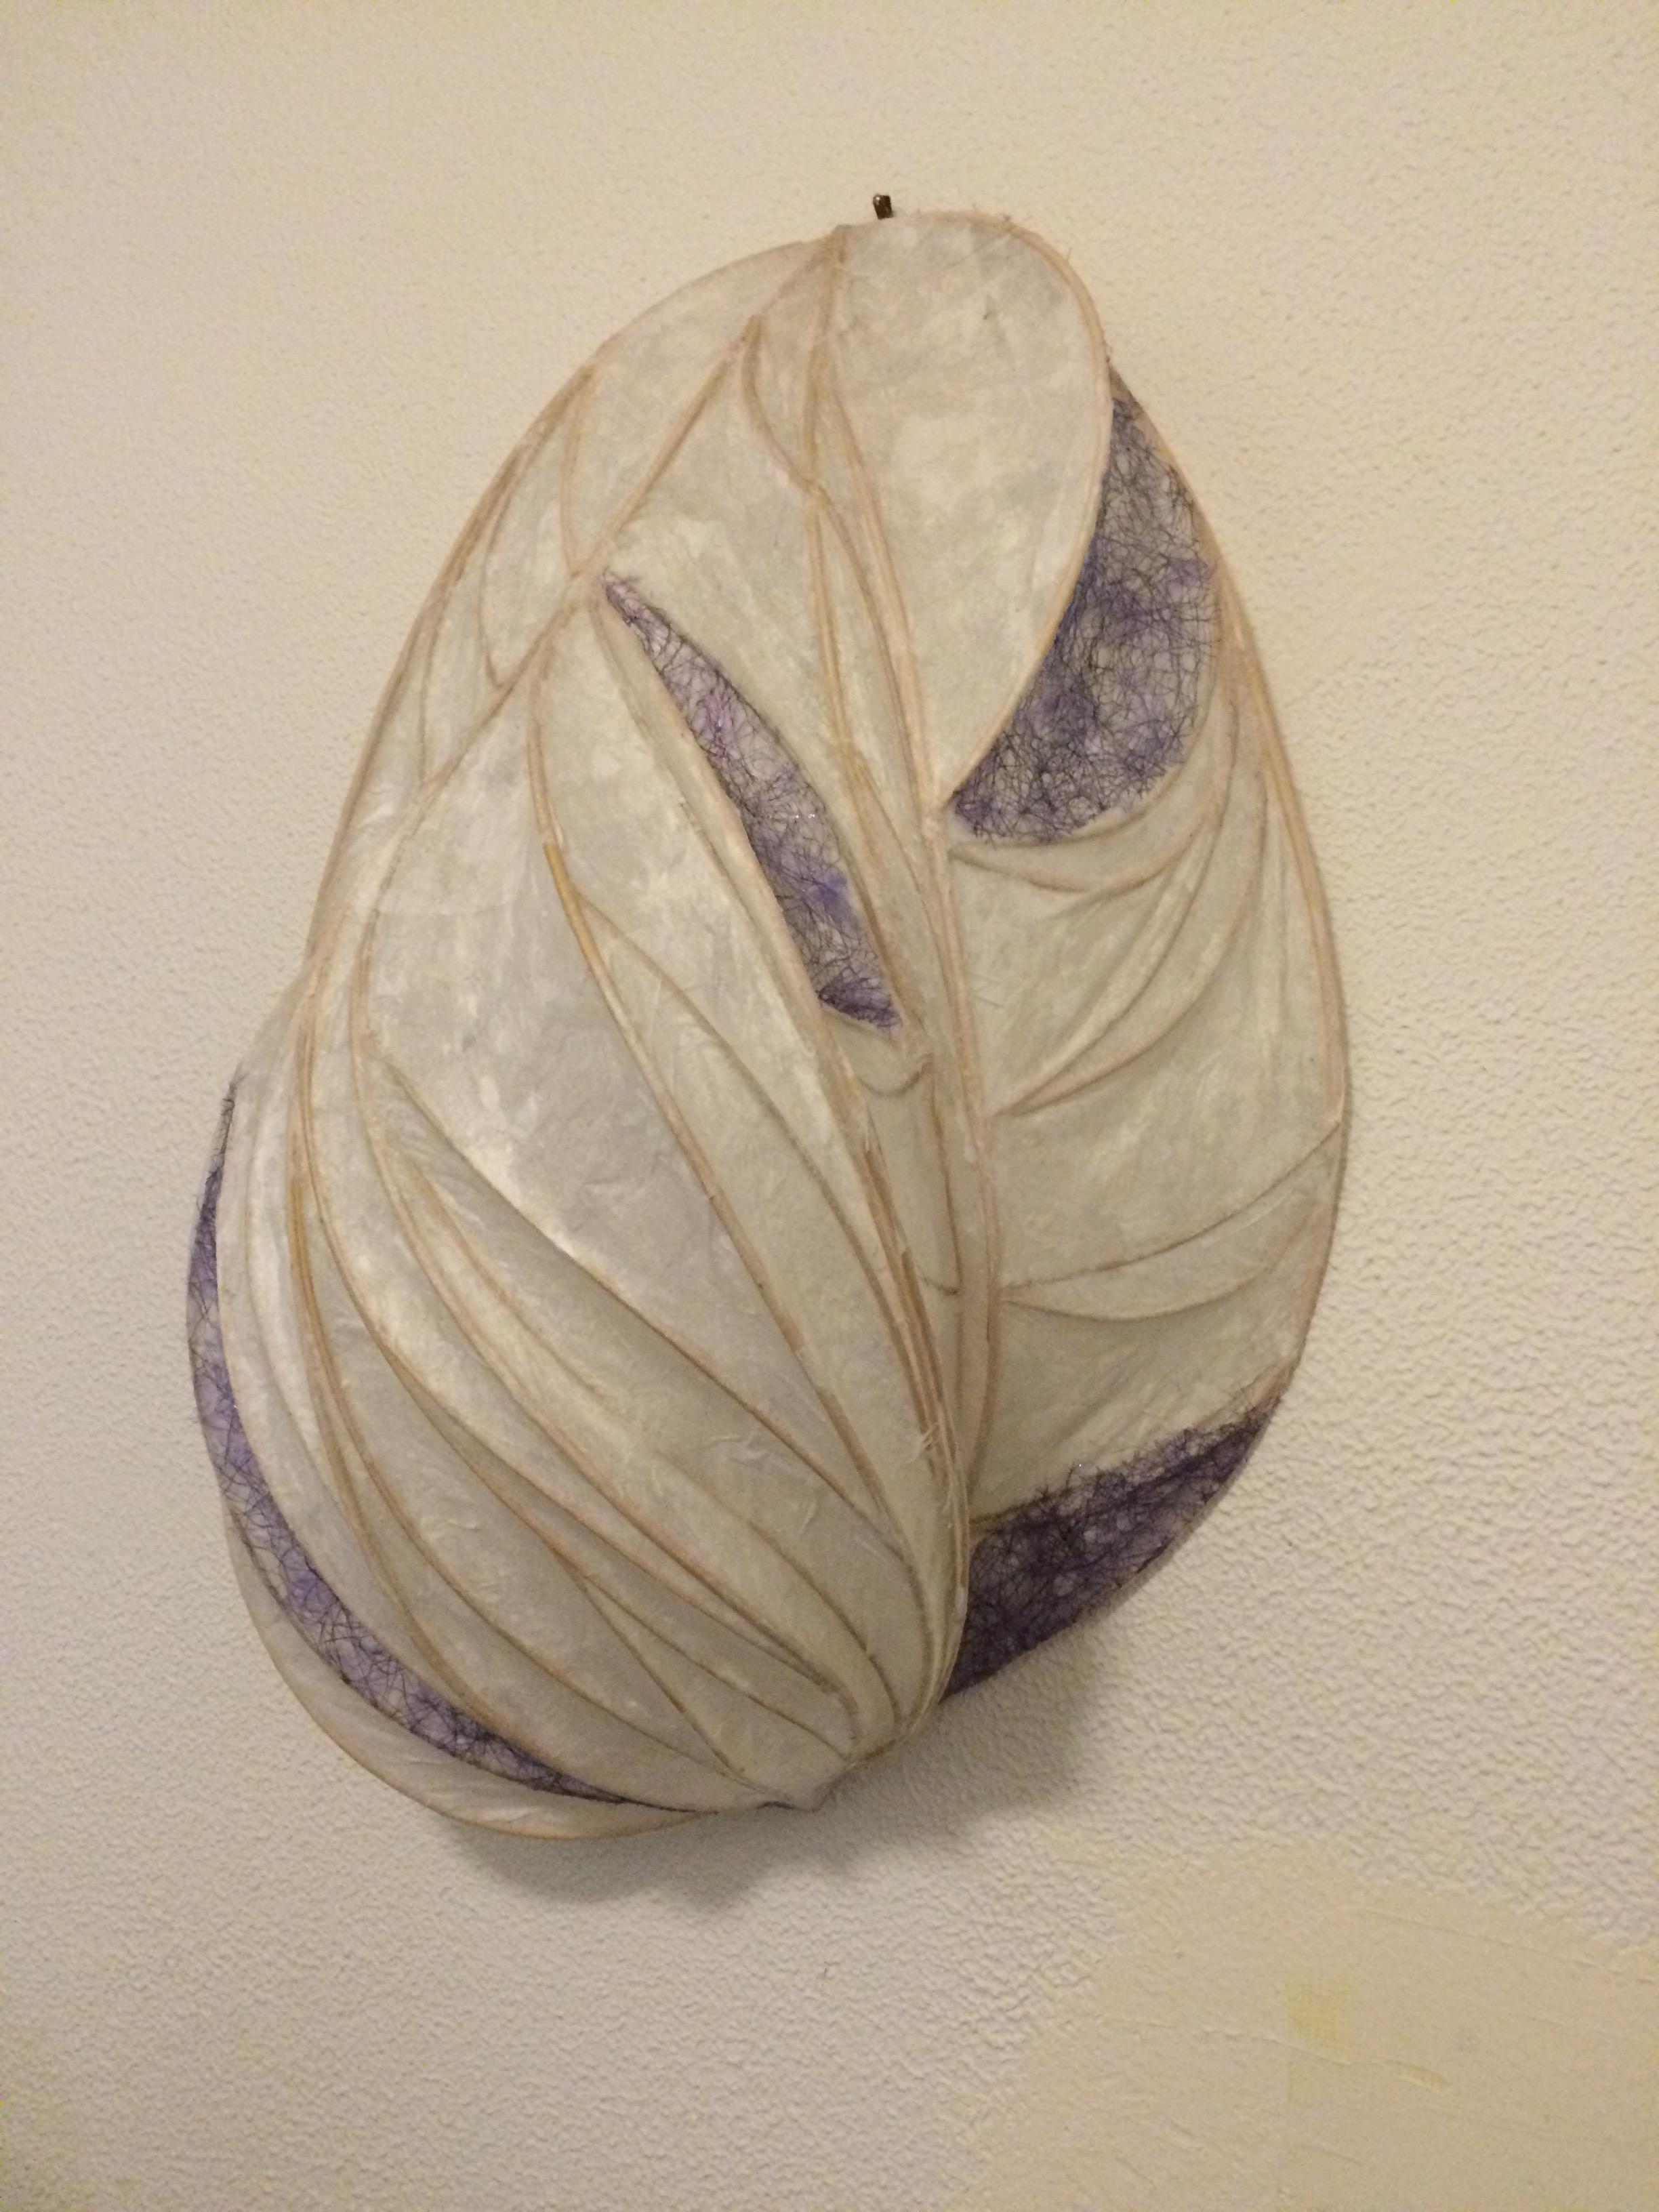 Homegrown Artworks